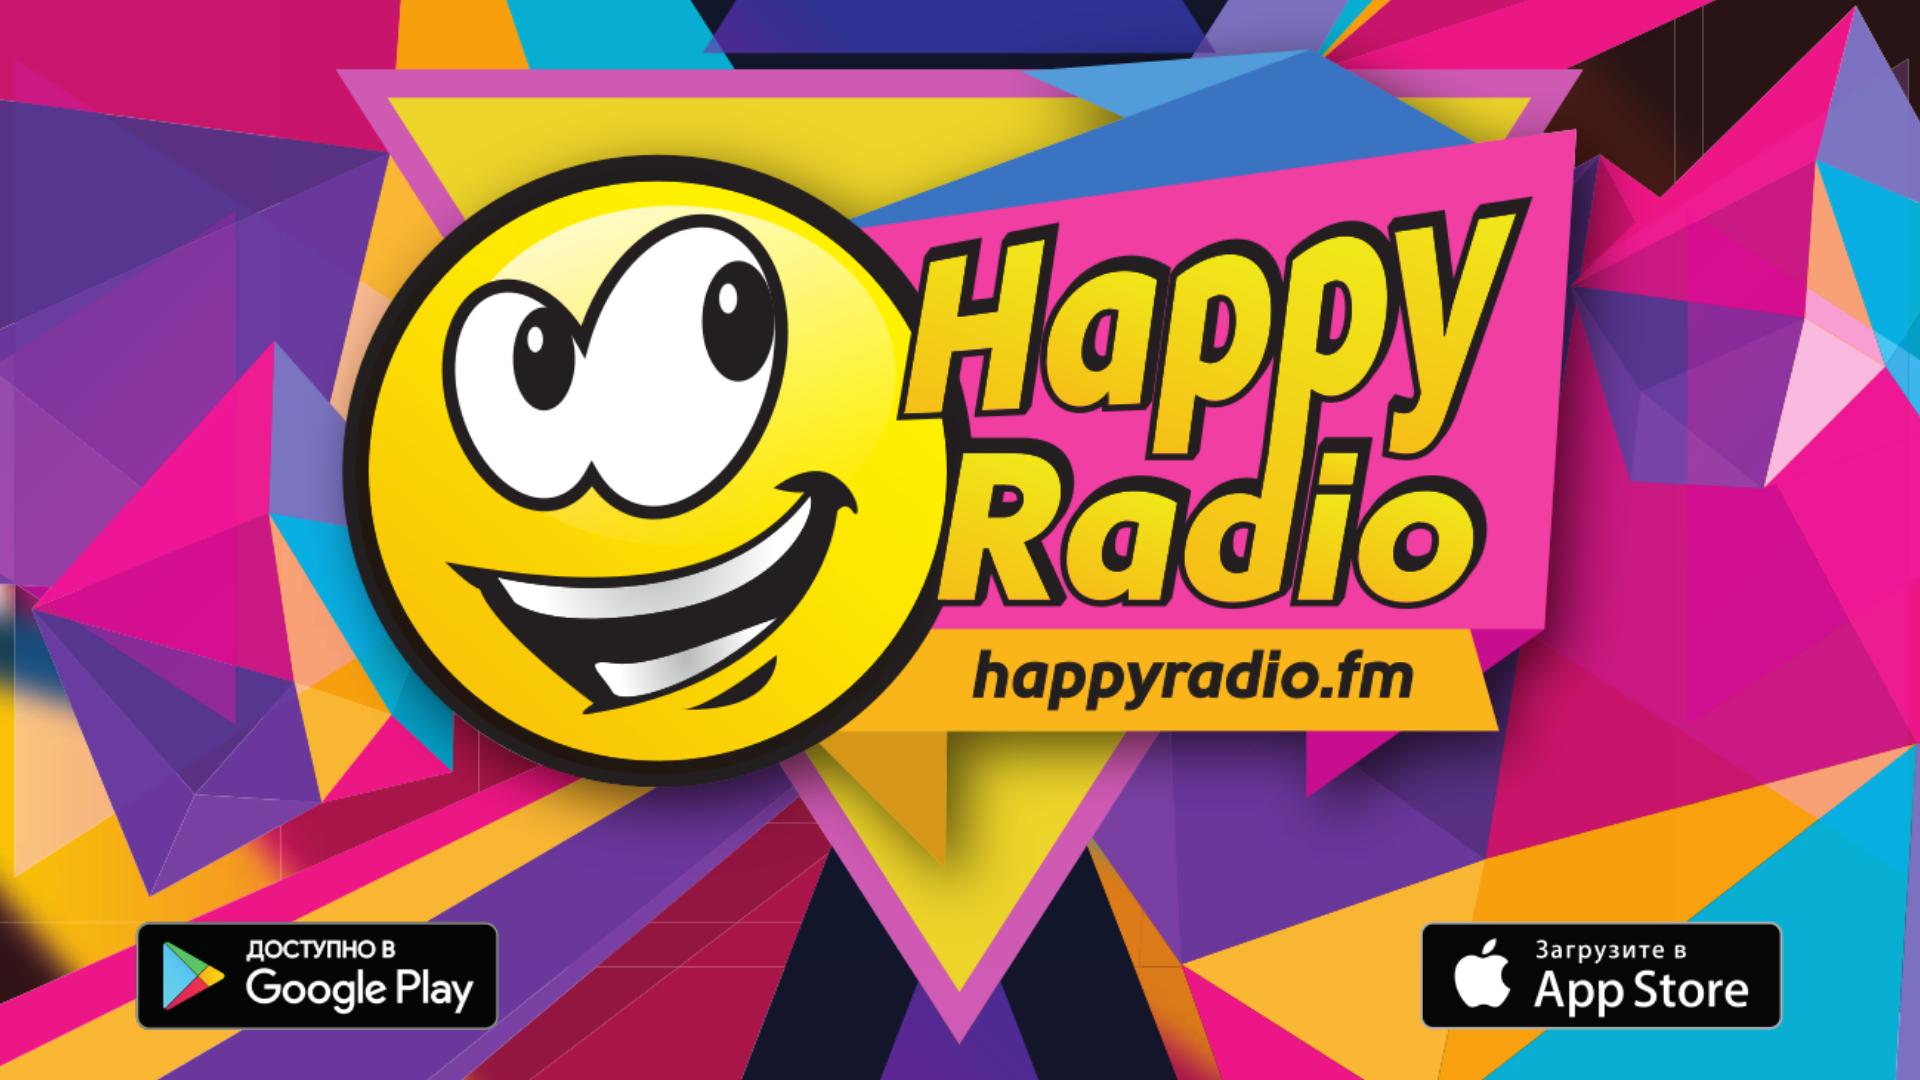 (c) Happyradio.fm